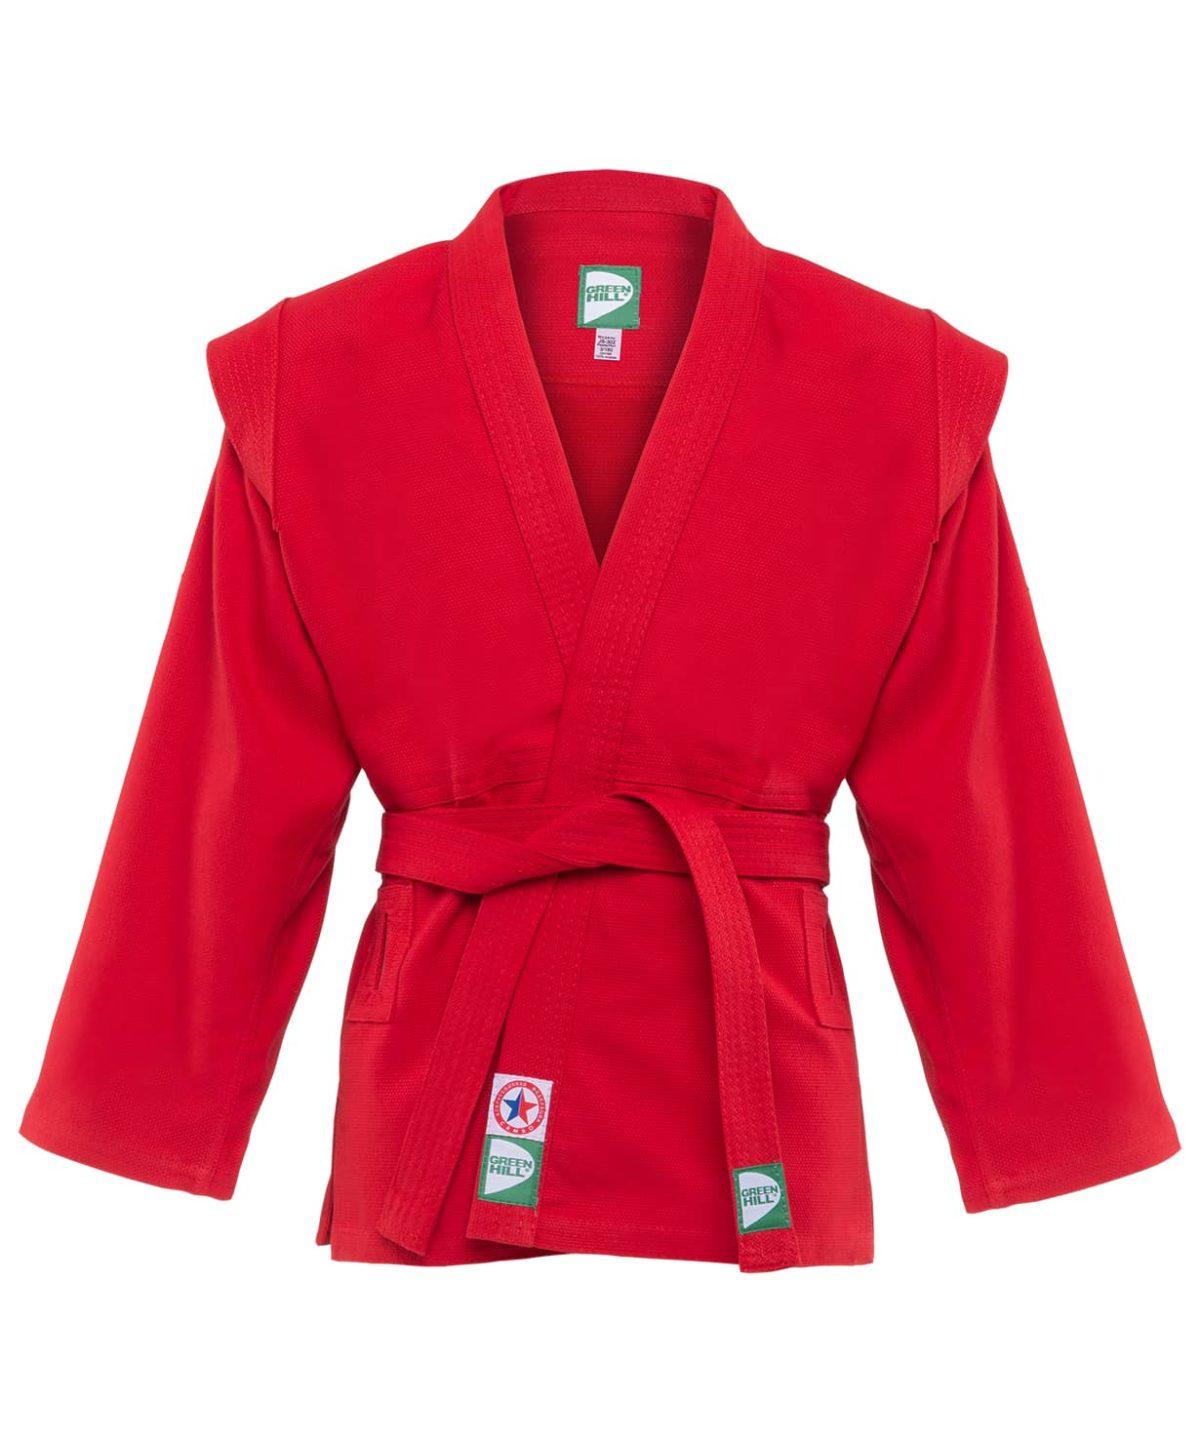 GREEN HILL Куртка для самбо 0/130  JS-302: красный - 1